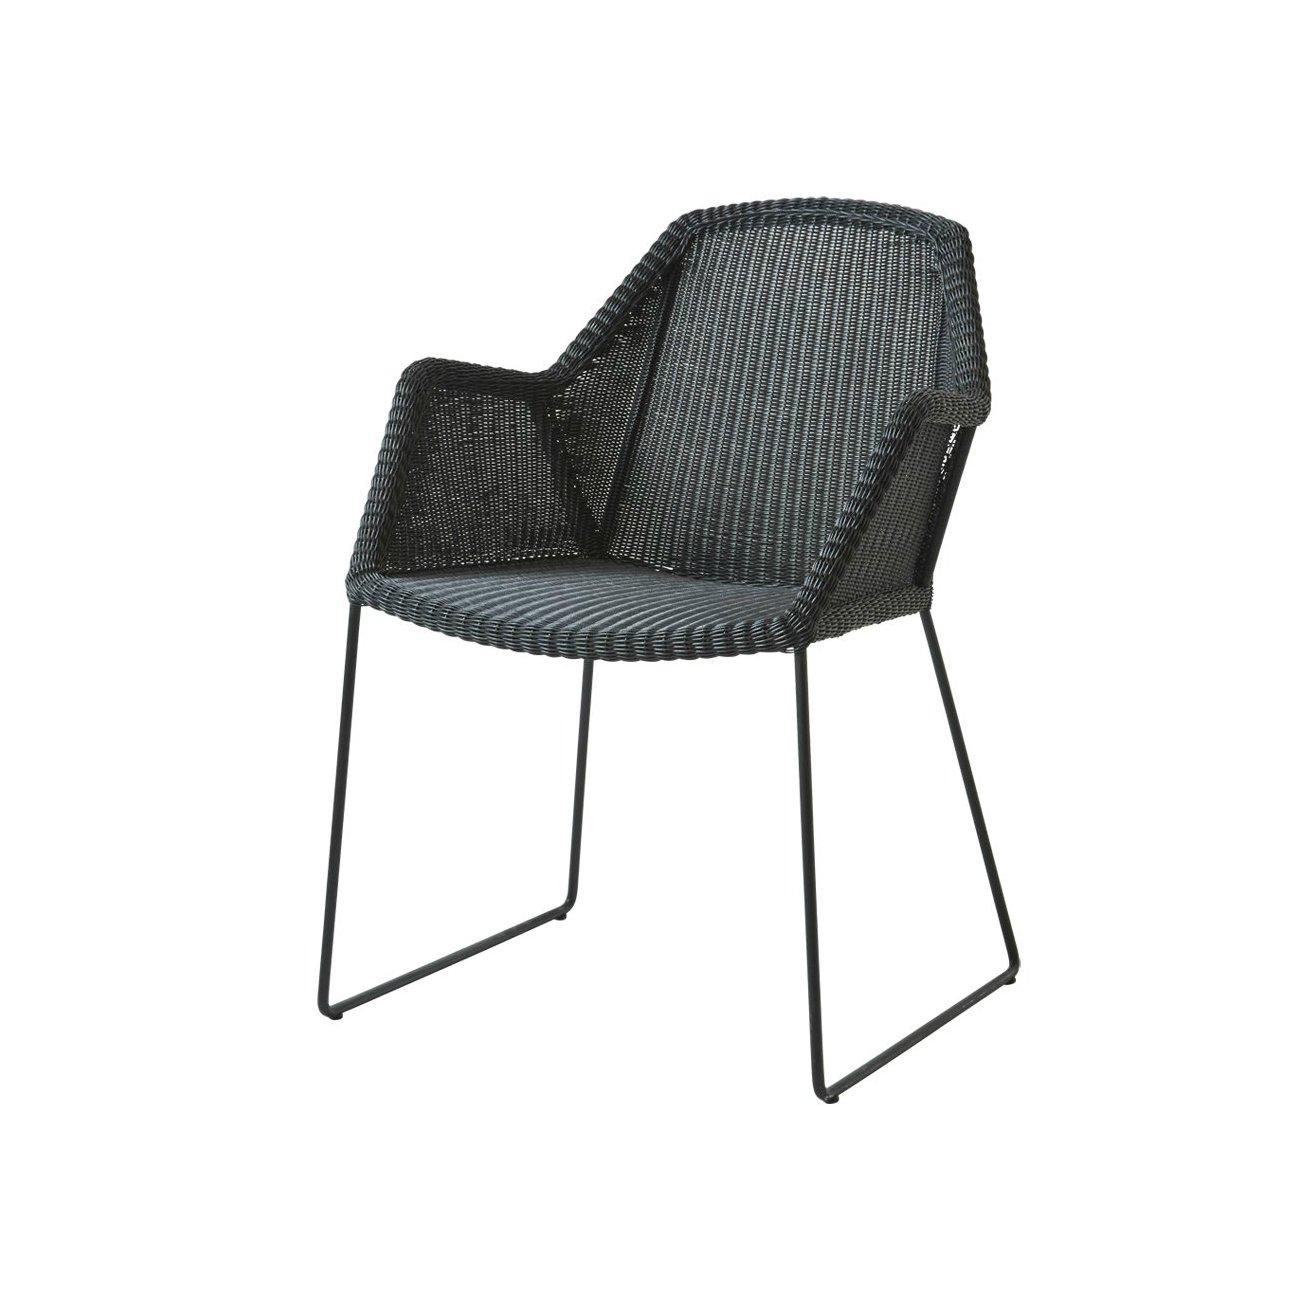 Gartenmöbel, Loungemöbel und mehr - radikal reduziert!